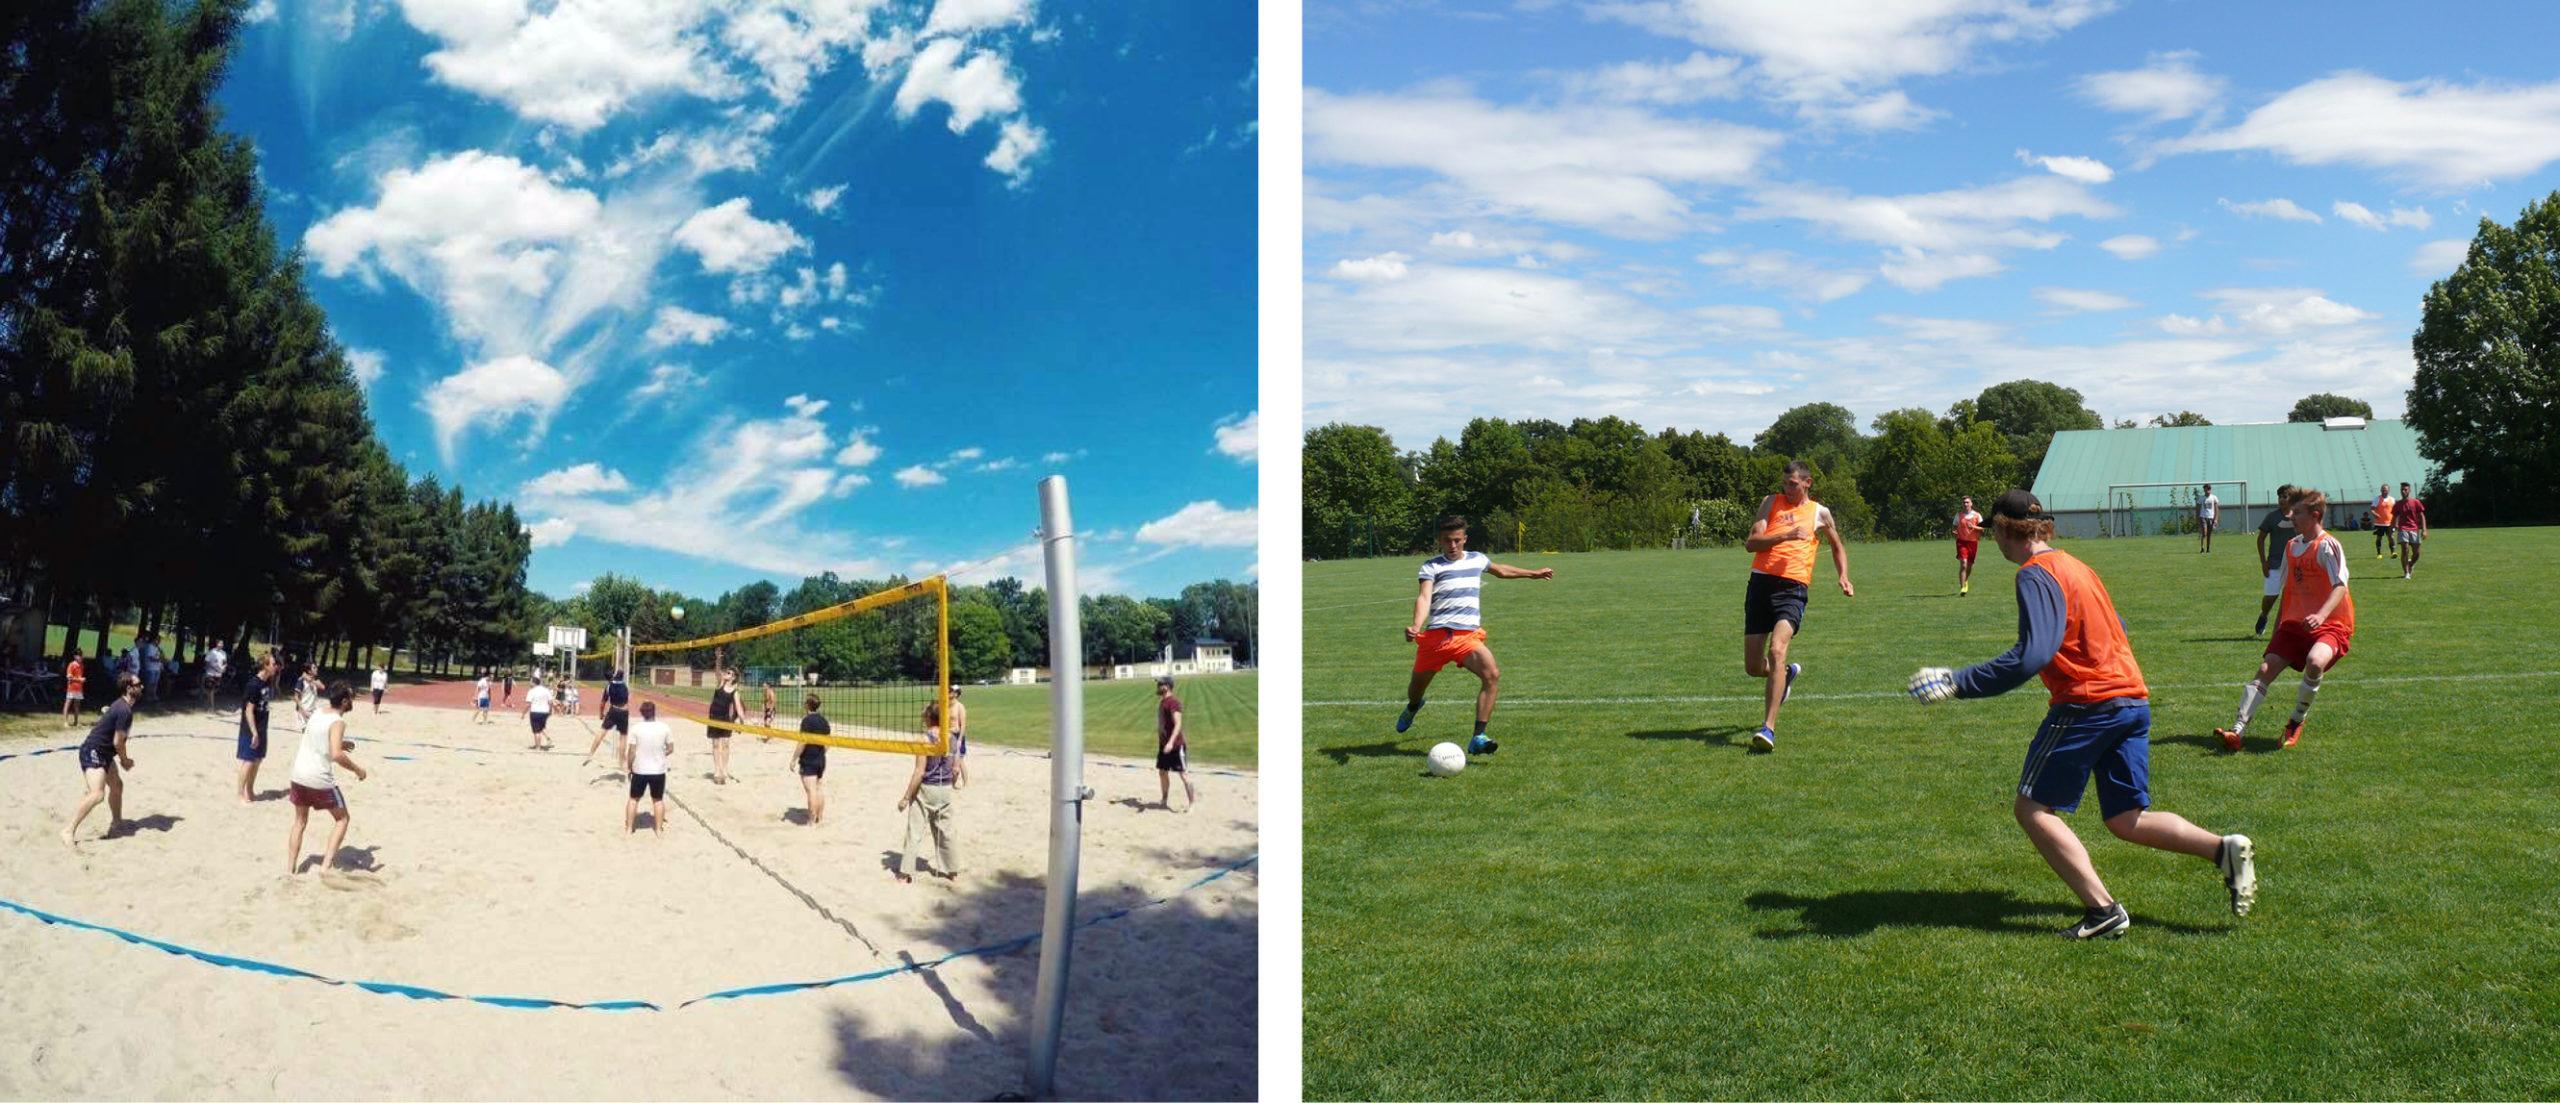 Ein Volleyballfeld und ein Fußballfeld mit Spieler*innen.